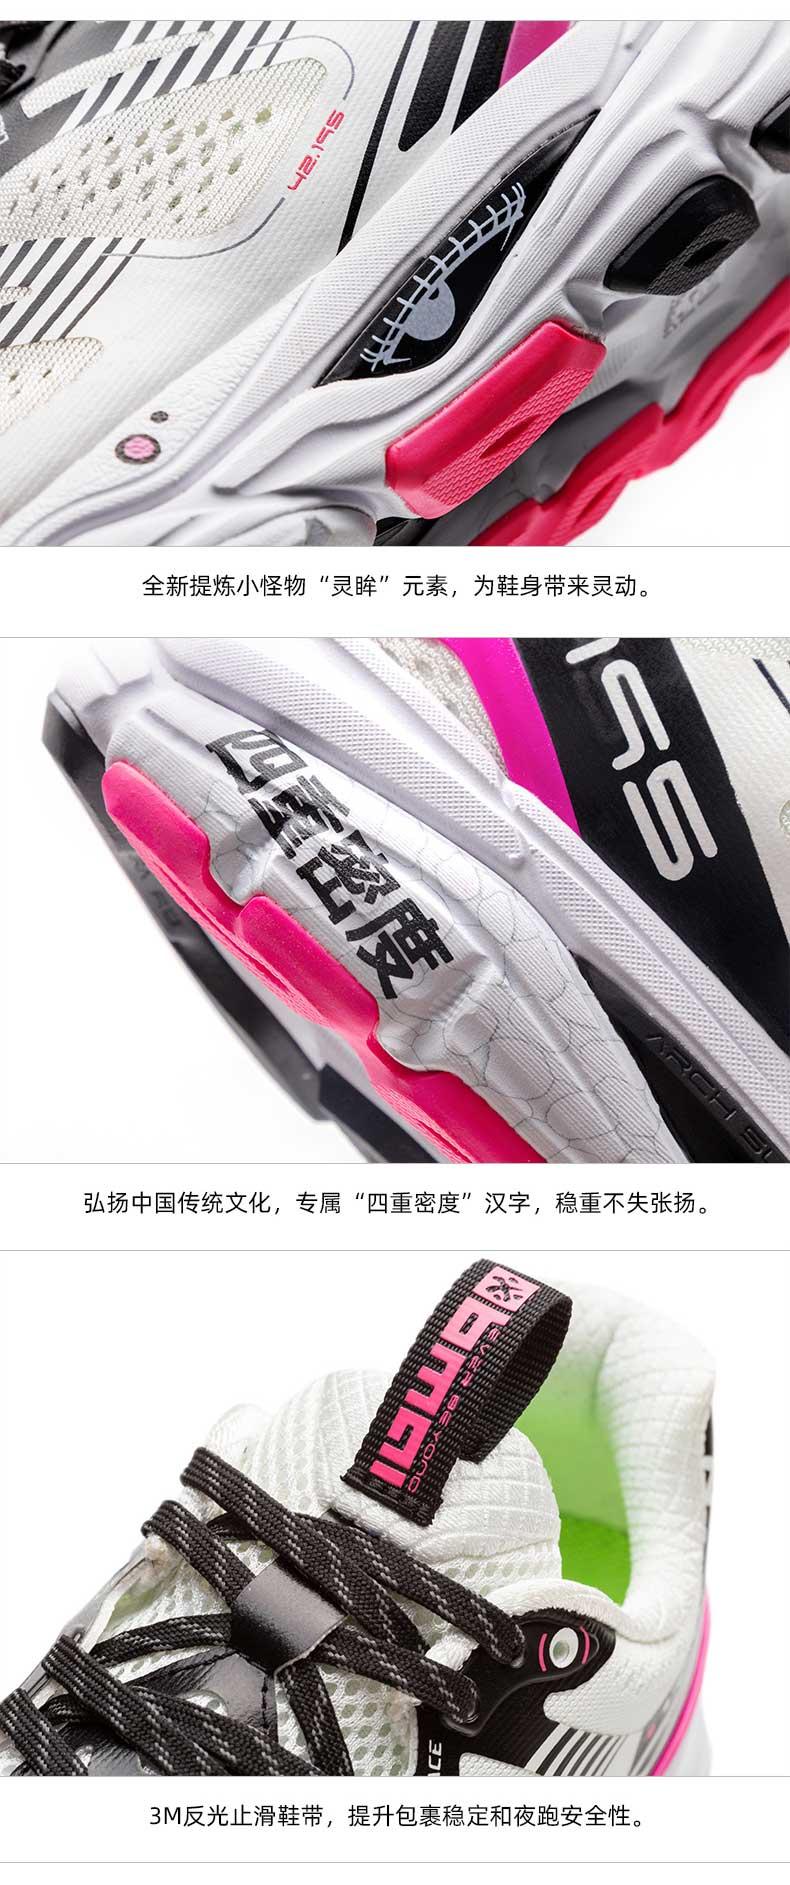 必迈 Mile 2020新品 42K Pro潜能 42公里专业马拉松缓震跑步鞋 图13